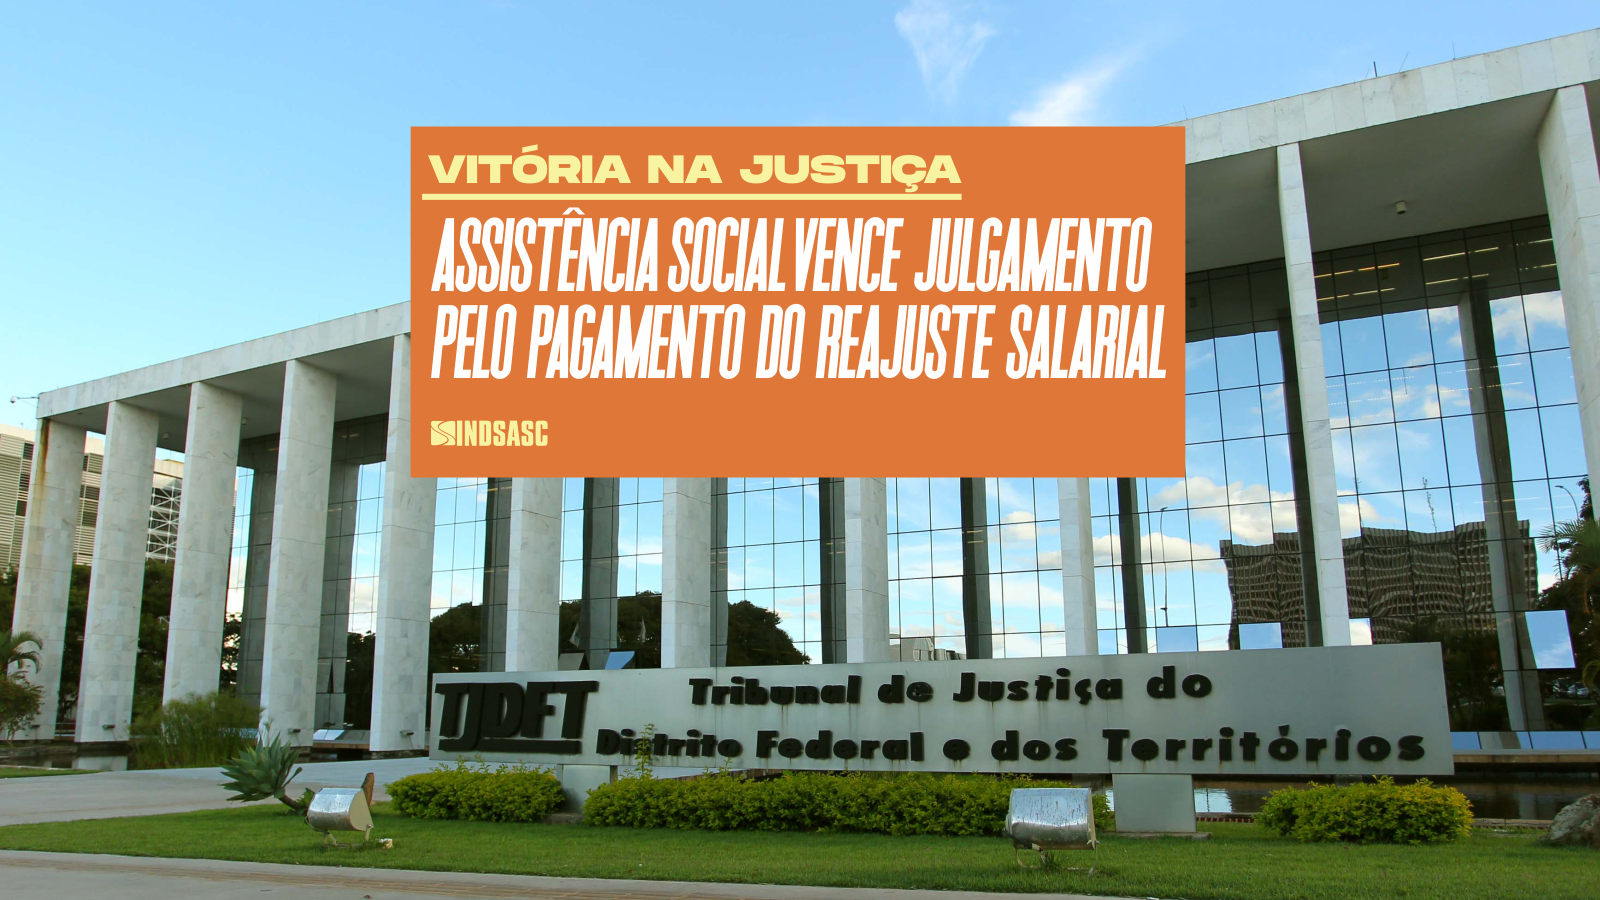 Assistência social vence na Justiça e GDF vai ter de pagar terceira parcela do reajuste salarial